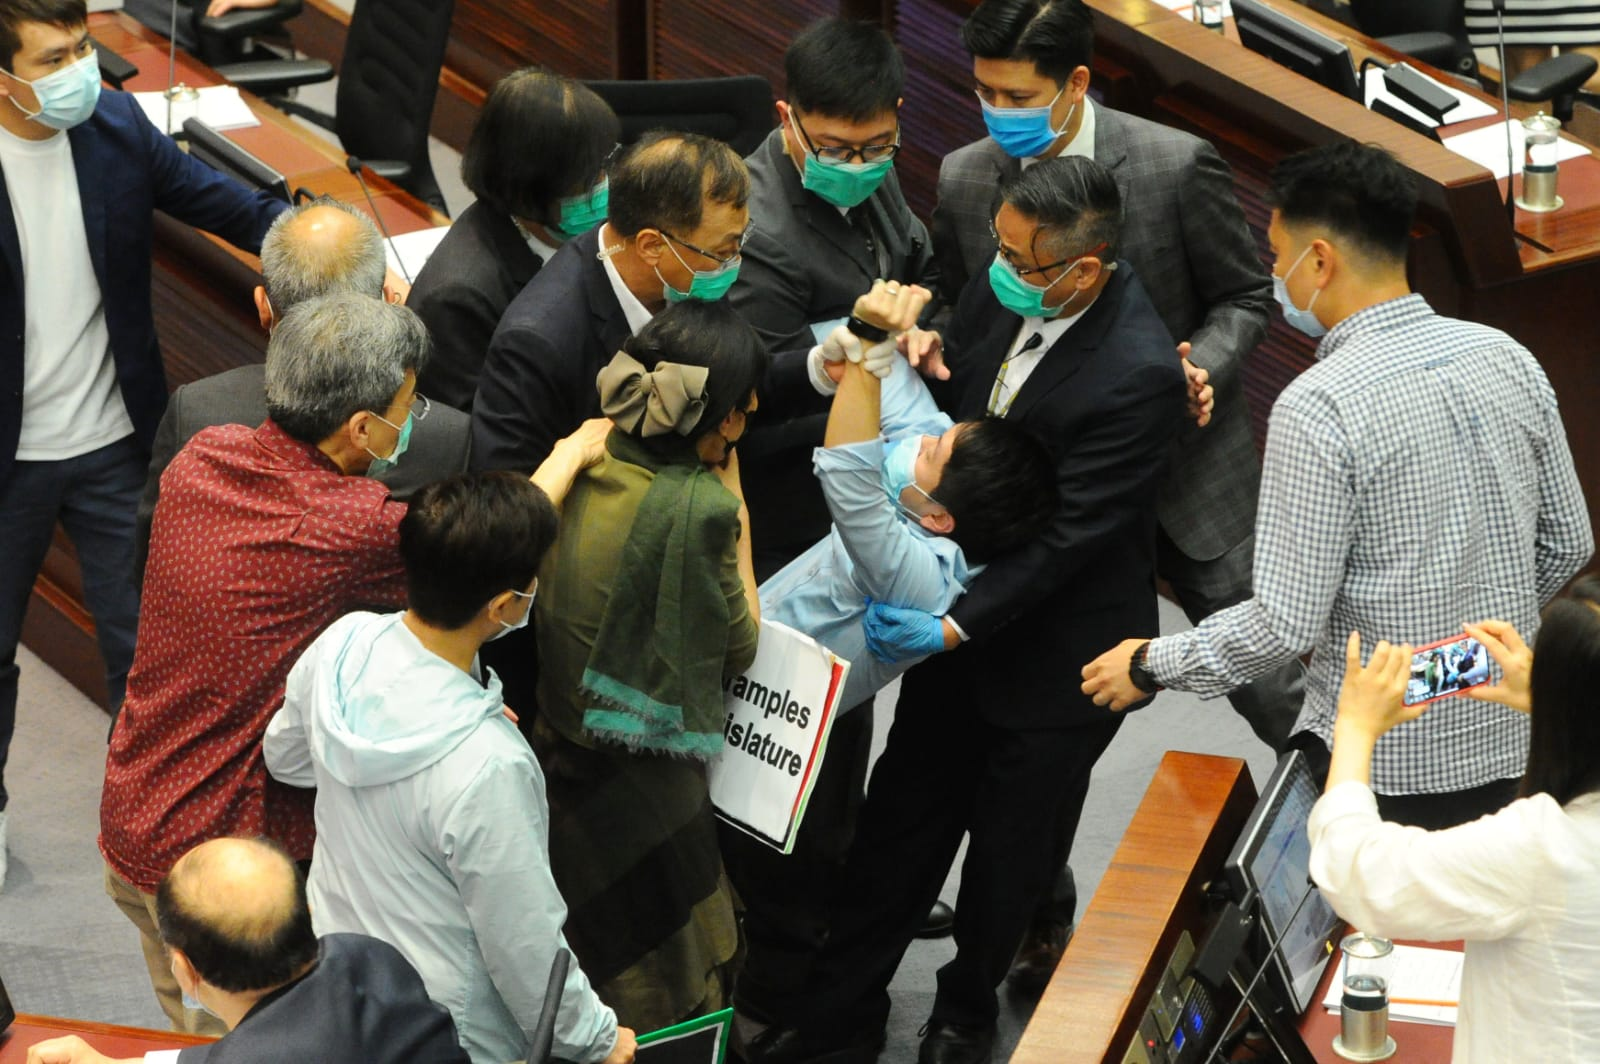 多名泛民議員被逐,保安護李慧琼非法主持會議。(宋碧龍 / 大紀元)